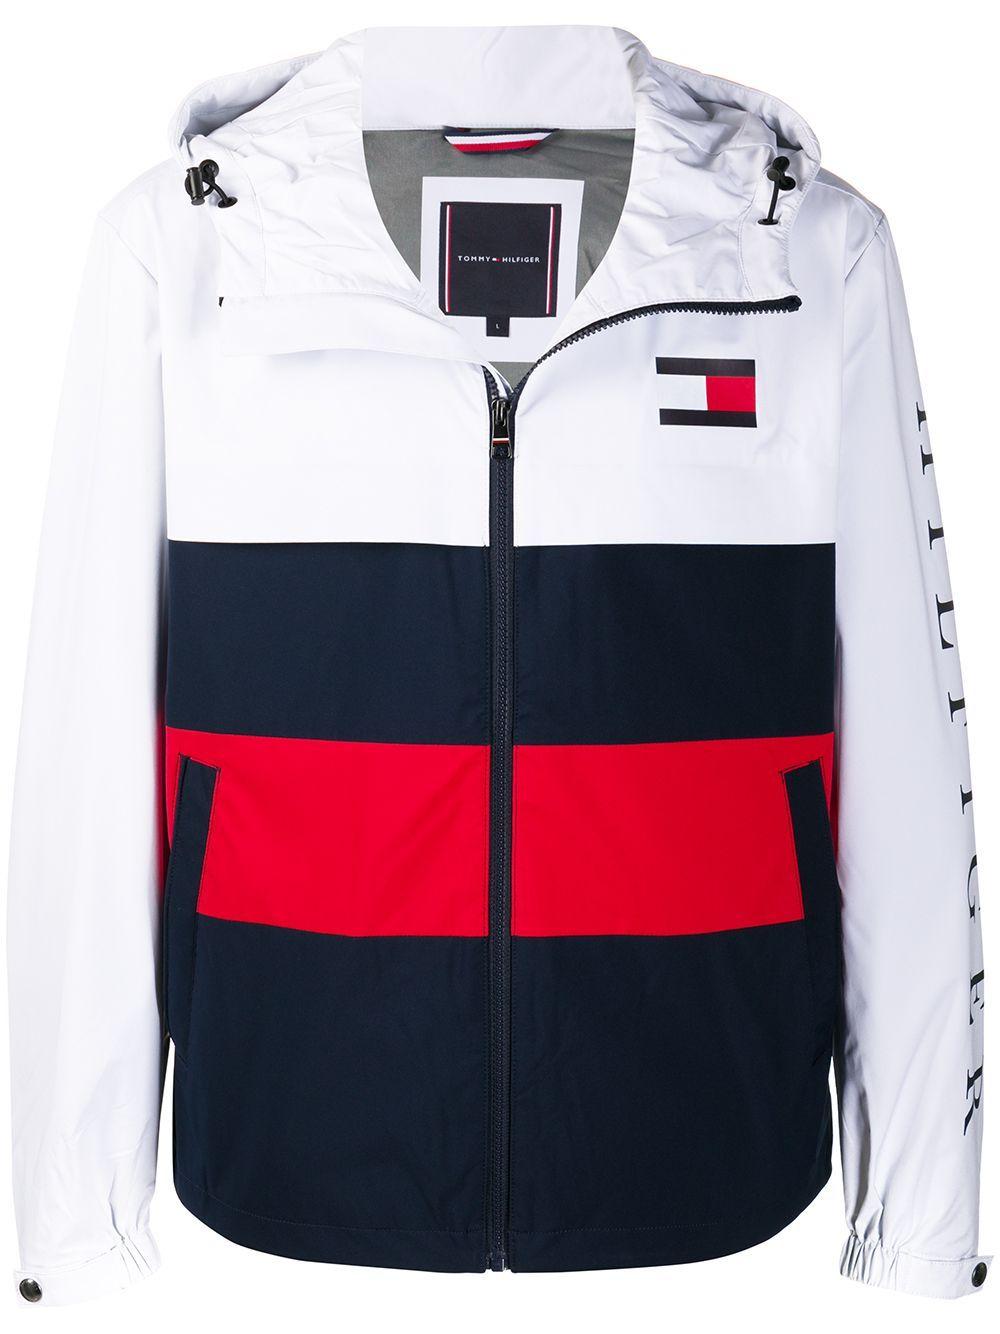 Tommy Hilfiger Block Color Track Jacket Farfetch In 2021 Designer Jackets For Men Mens Dress Outfits Tommy Hilfiger [ 1334 x 1000 Pixel ]